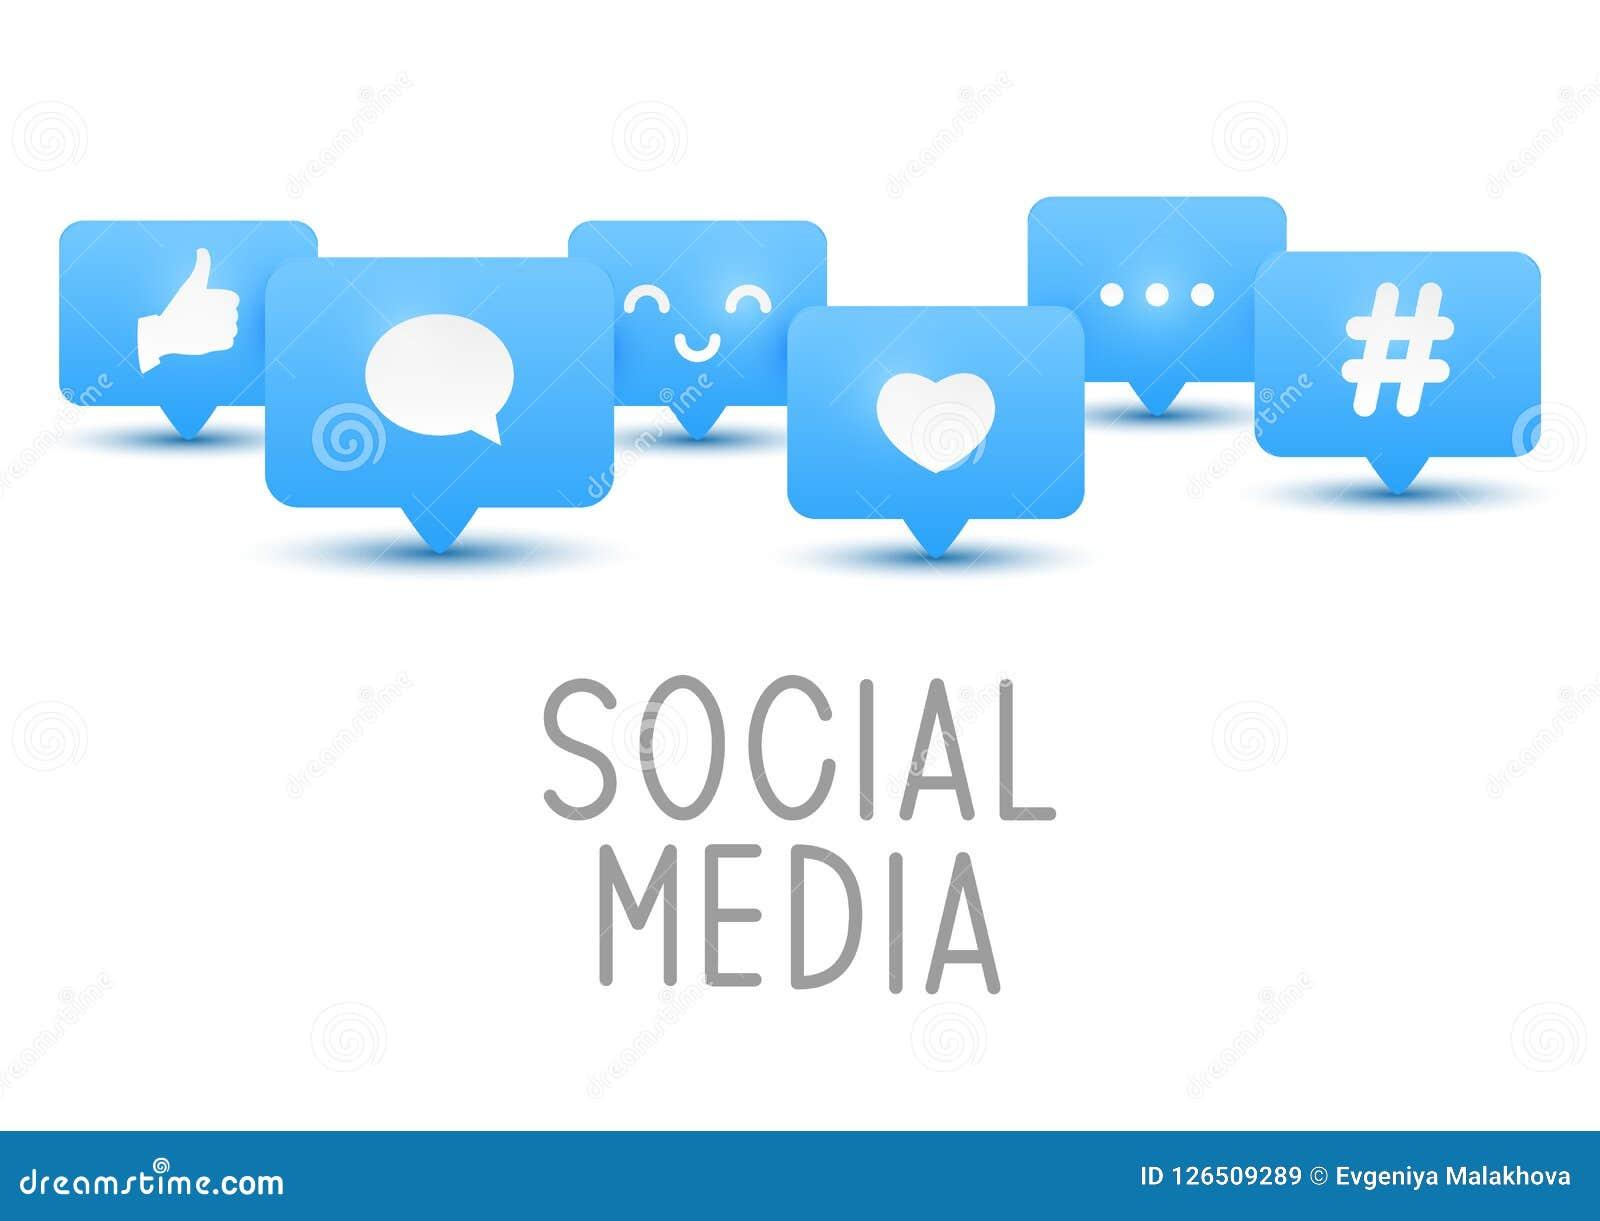 Social media icons on white